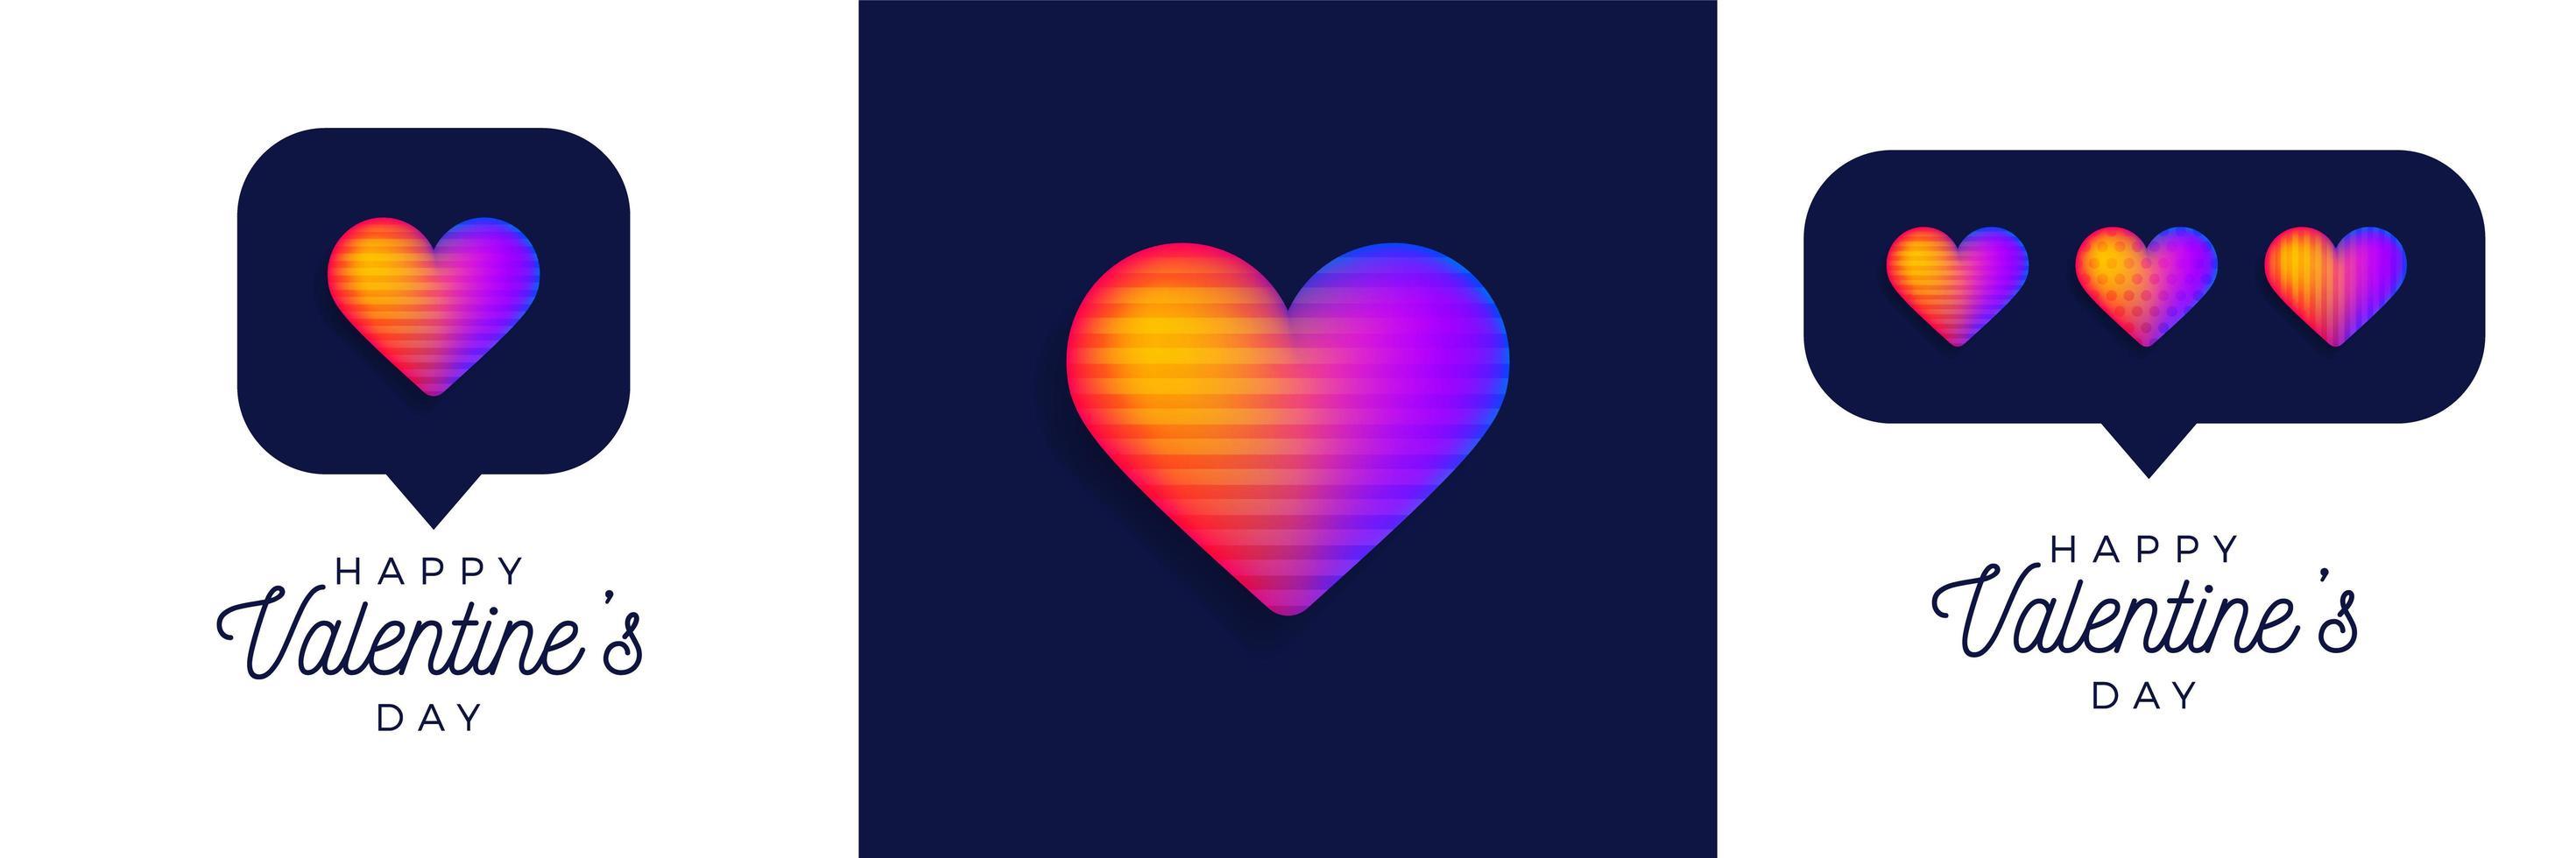 regenboog hart Valentijnsdag set vector